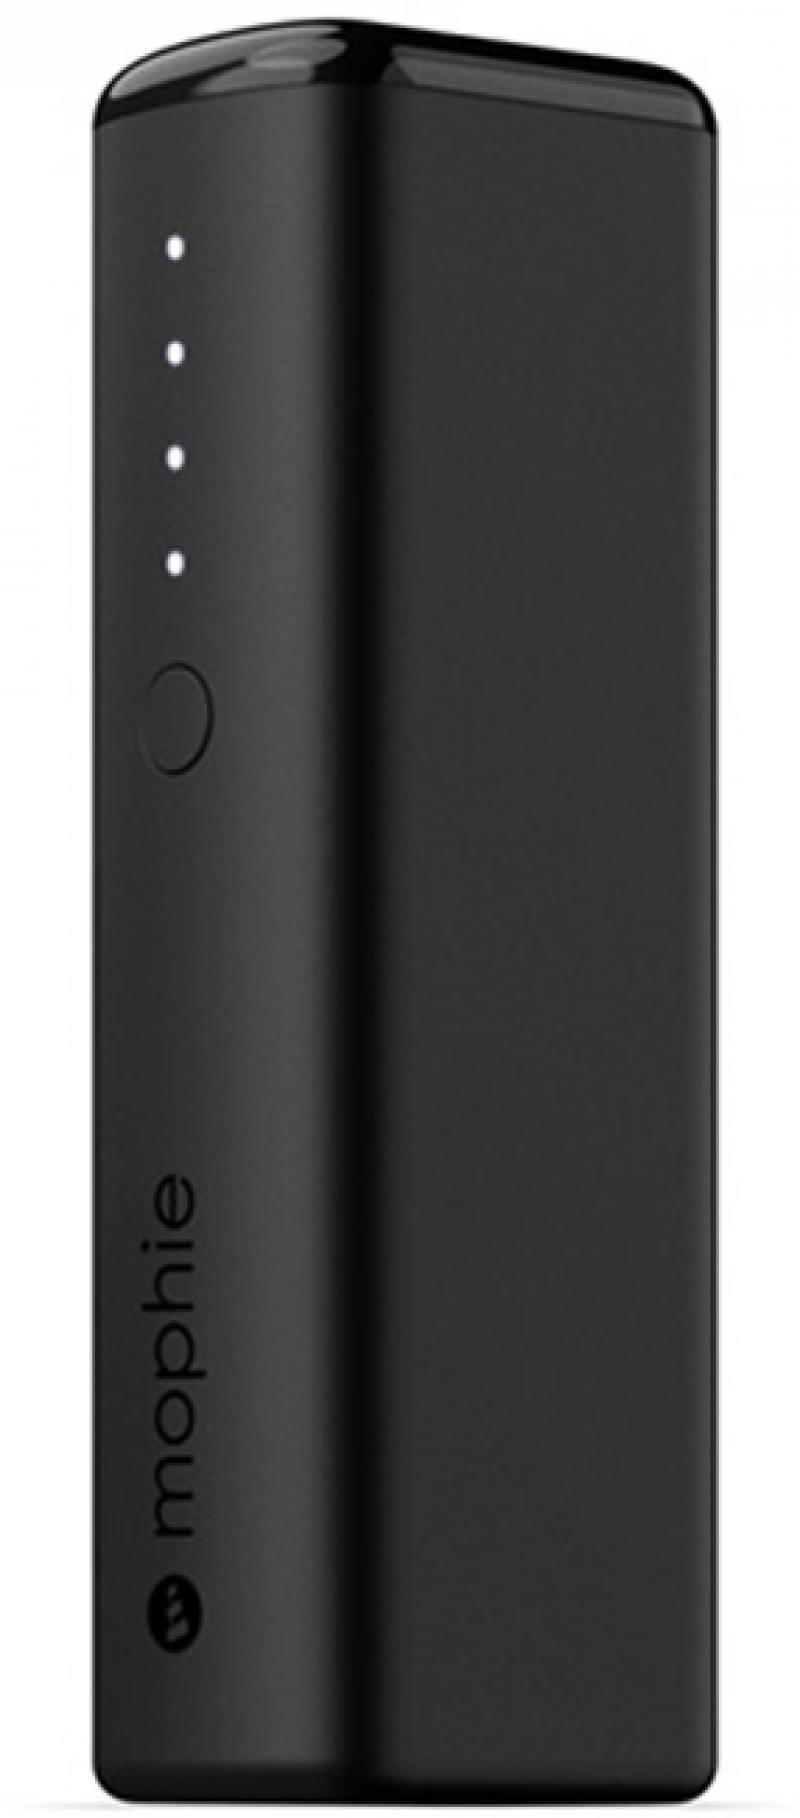 Портативное зарядное устройство Mophie Power Boost mini 2600мАч черный 3513